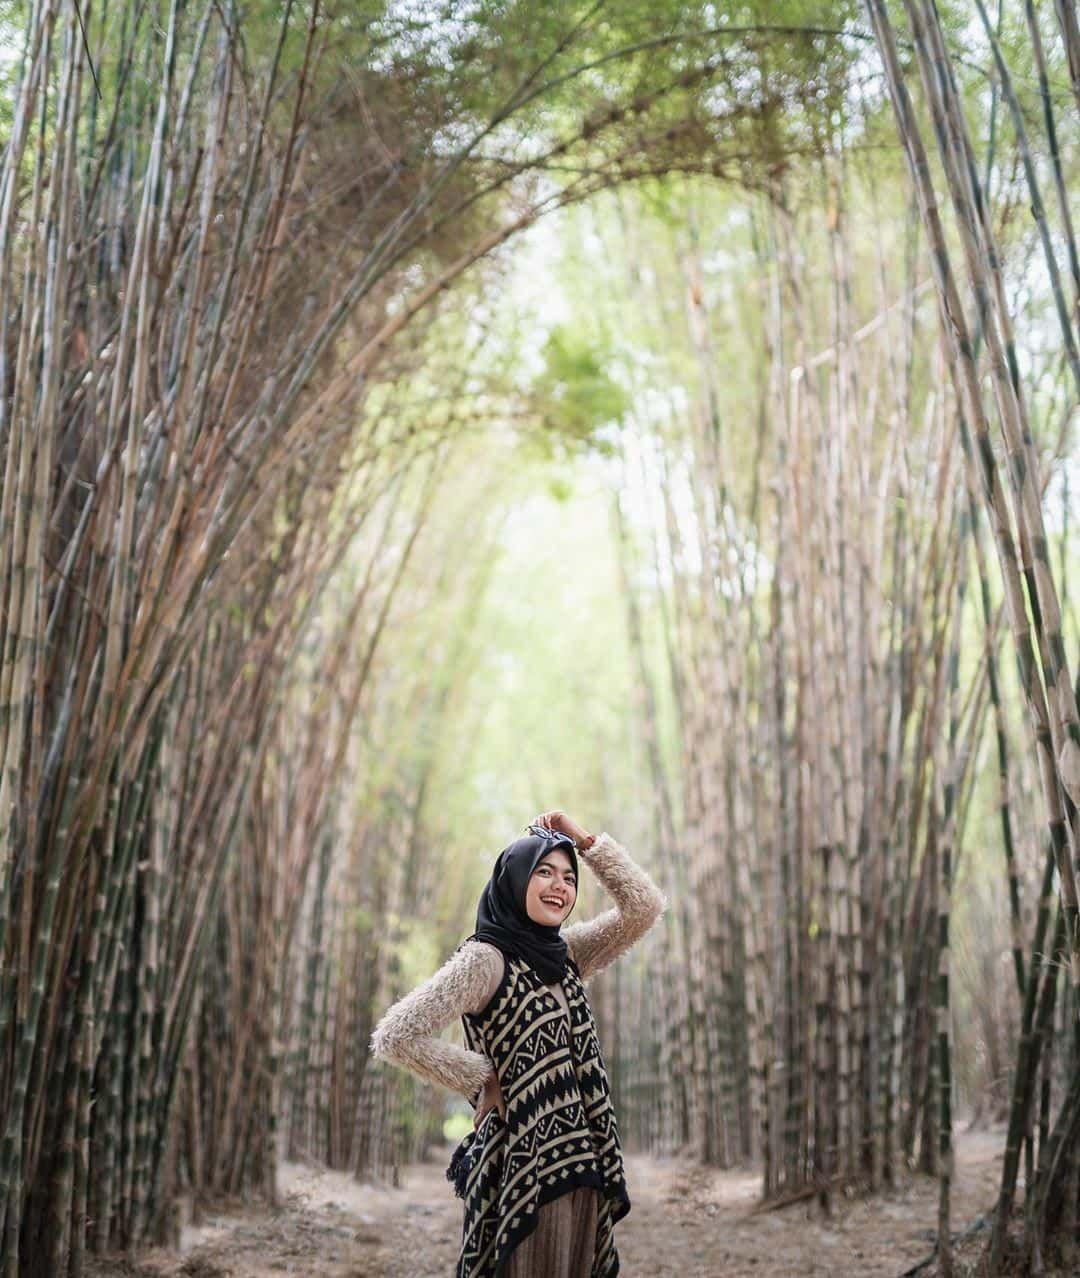 Hutan Bambu Keputih Wisata Hijau Dan Sejuk Di Dalam Kota Surabaya Kota Hijau Surabaya